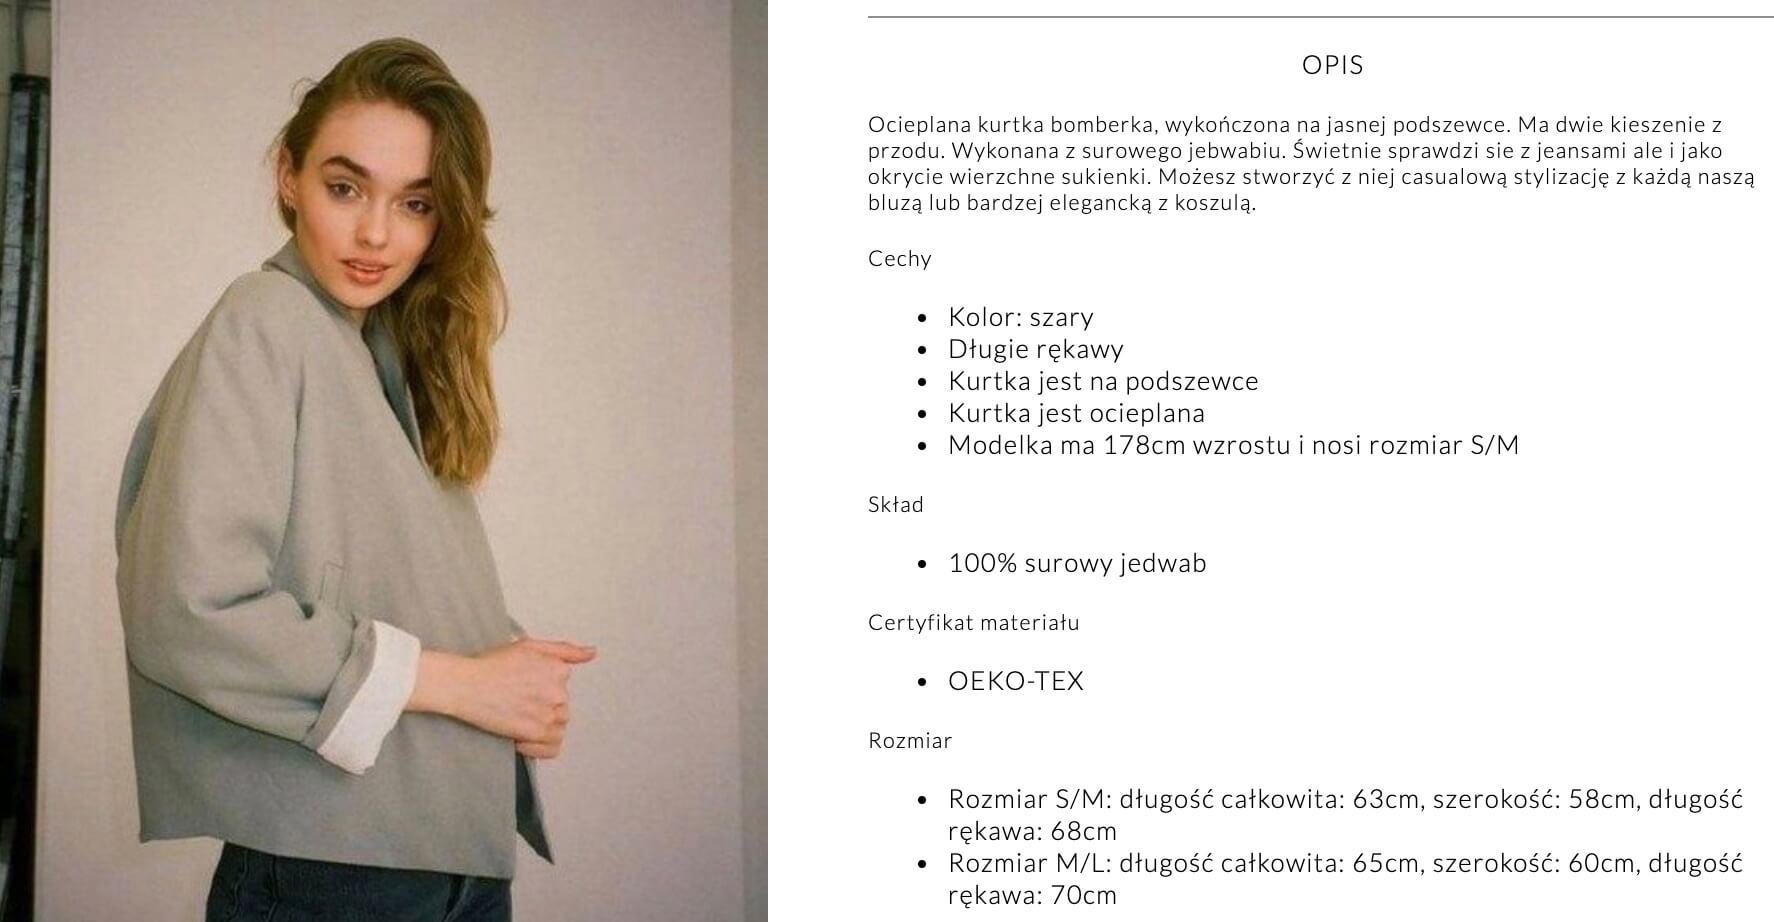 theodderside - jak pisać opisy produktów ubrań